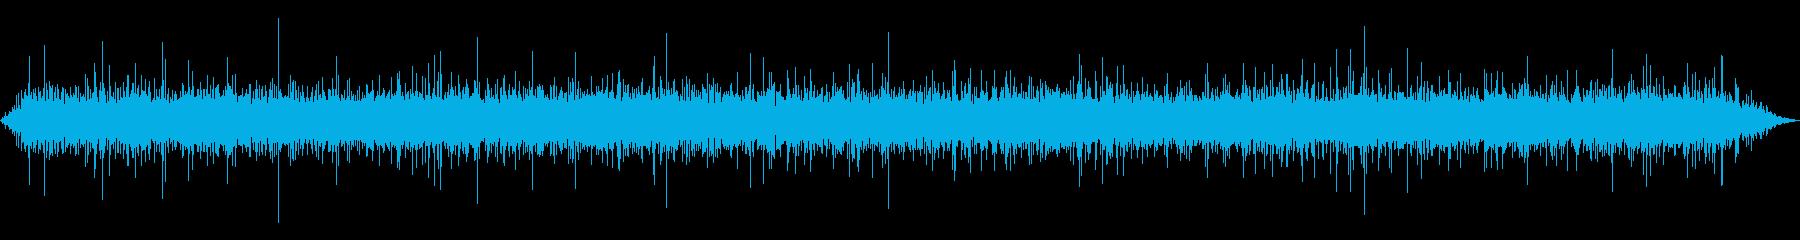 【自然音】川が流れる音02(清里)の再生済みの波形